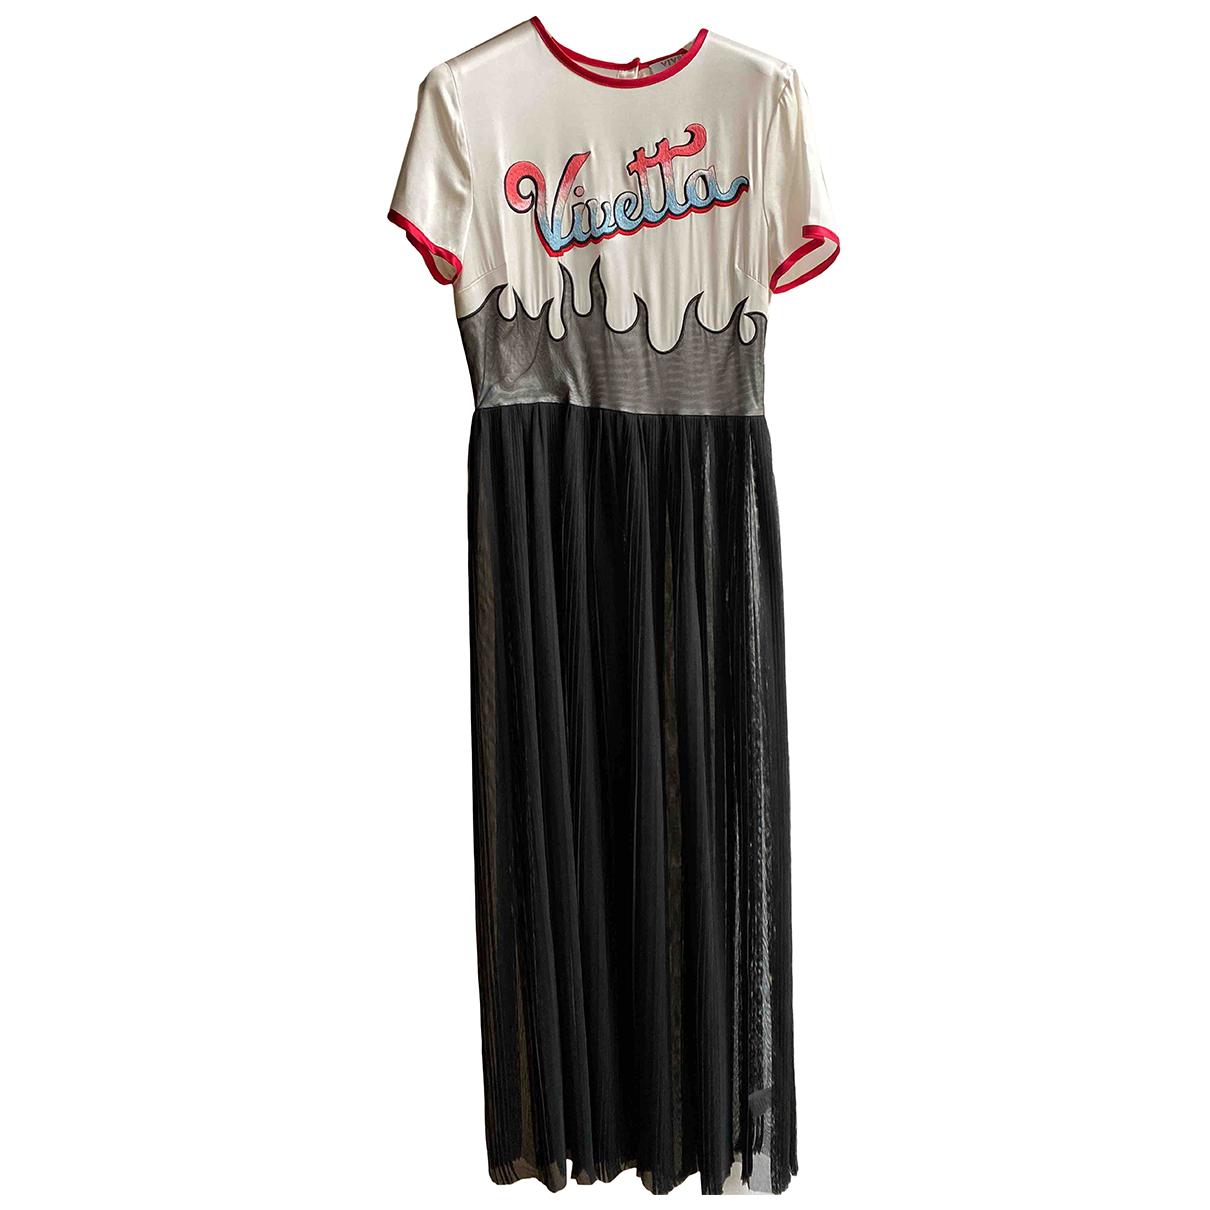 Vivetta \N Kleid in  Schwarz Polyester